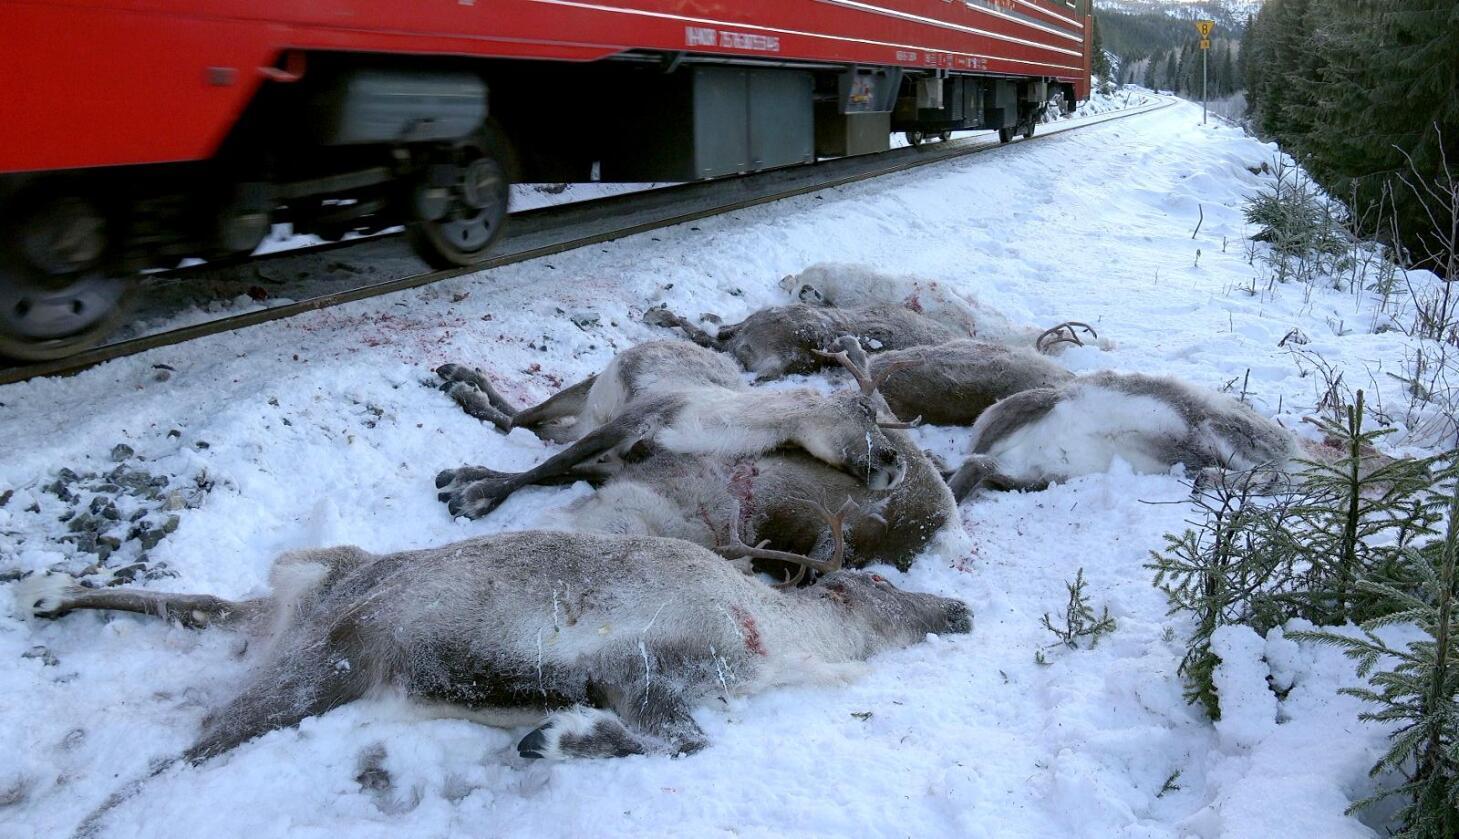 Påkjørt: Reinsdyr har blitt påkjørt av toget langs Nordlandsbanen. Foto: John Erling Utsi